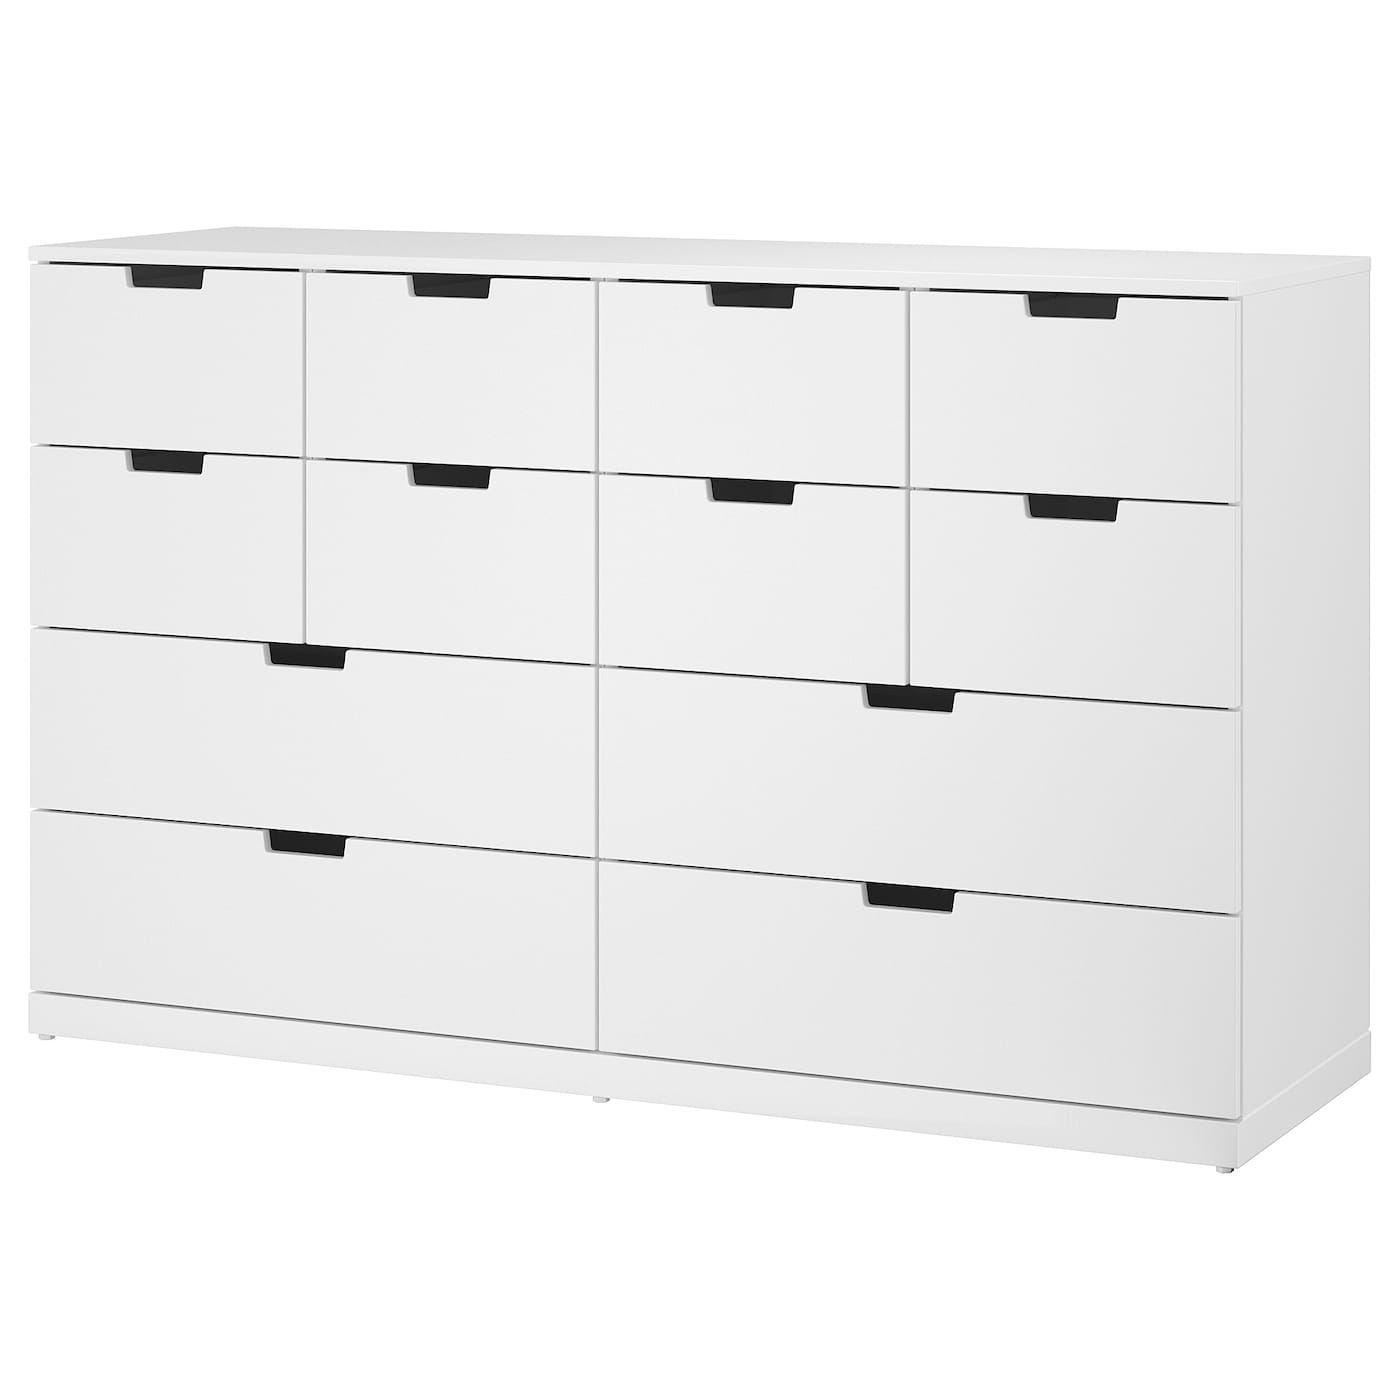 Nordli Ladekast Ikea.Nordli Ladekast Met 12 Lades Wit Apartment Chest Of Drawers